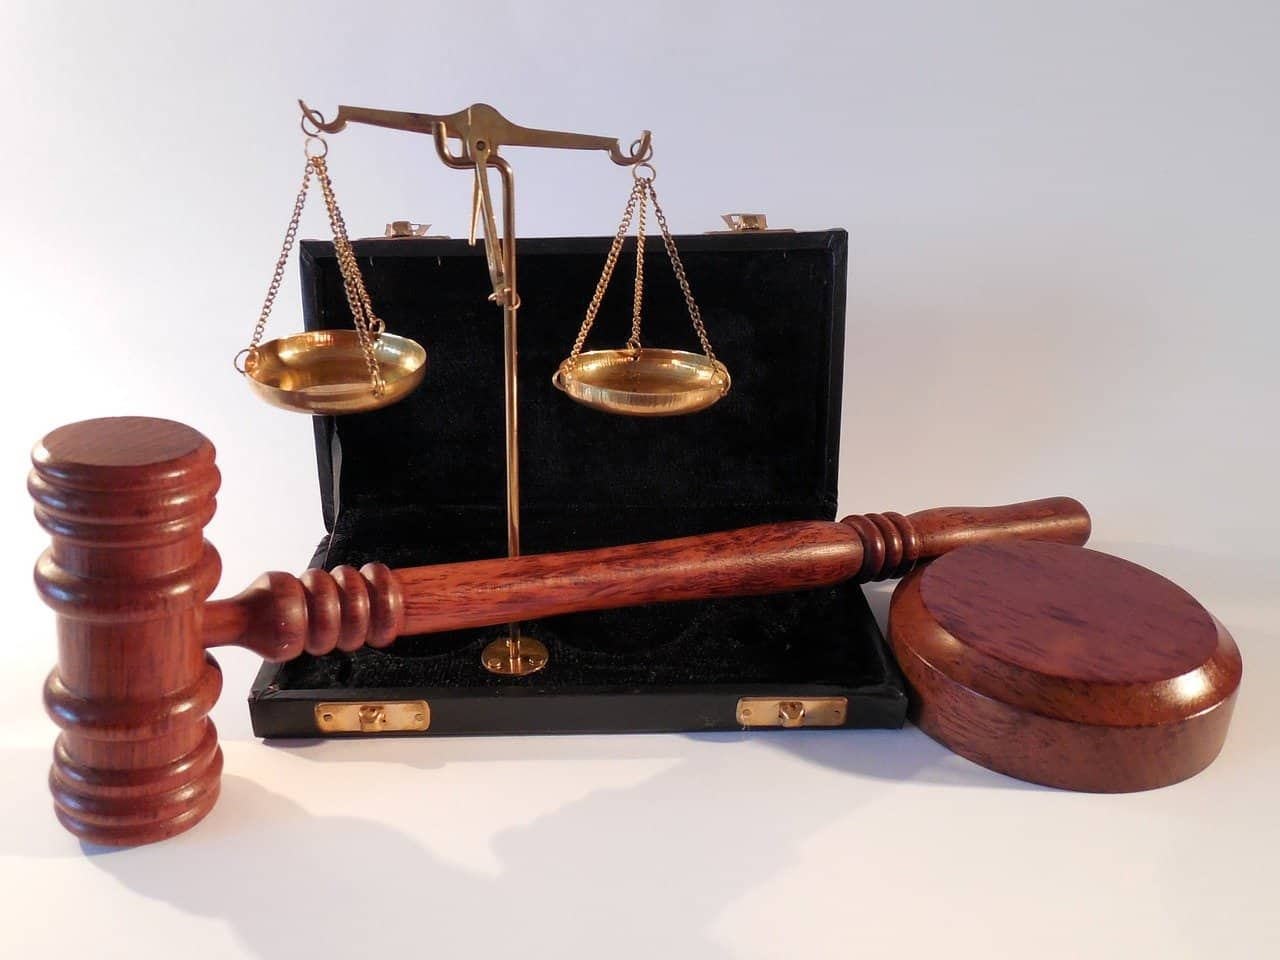 Mikor lehetséges a bírósági szerződésmódosítás?